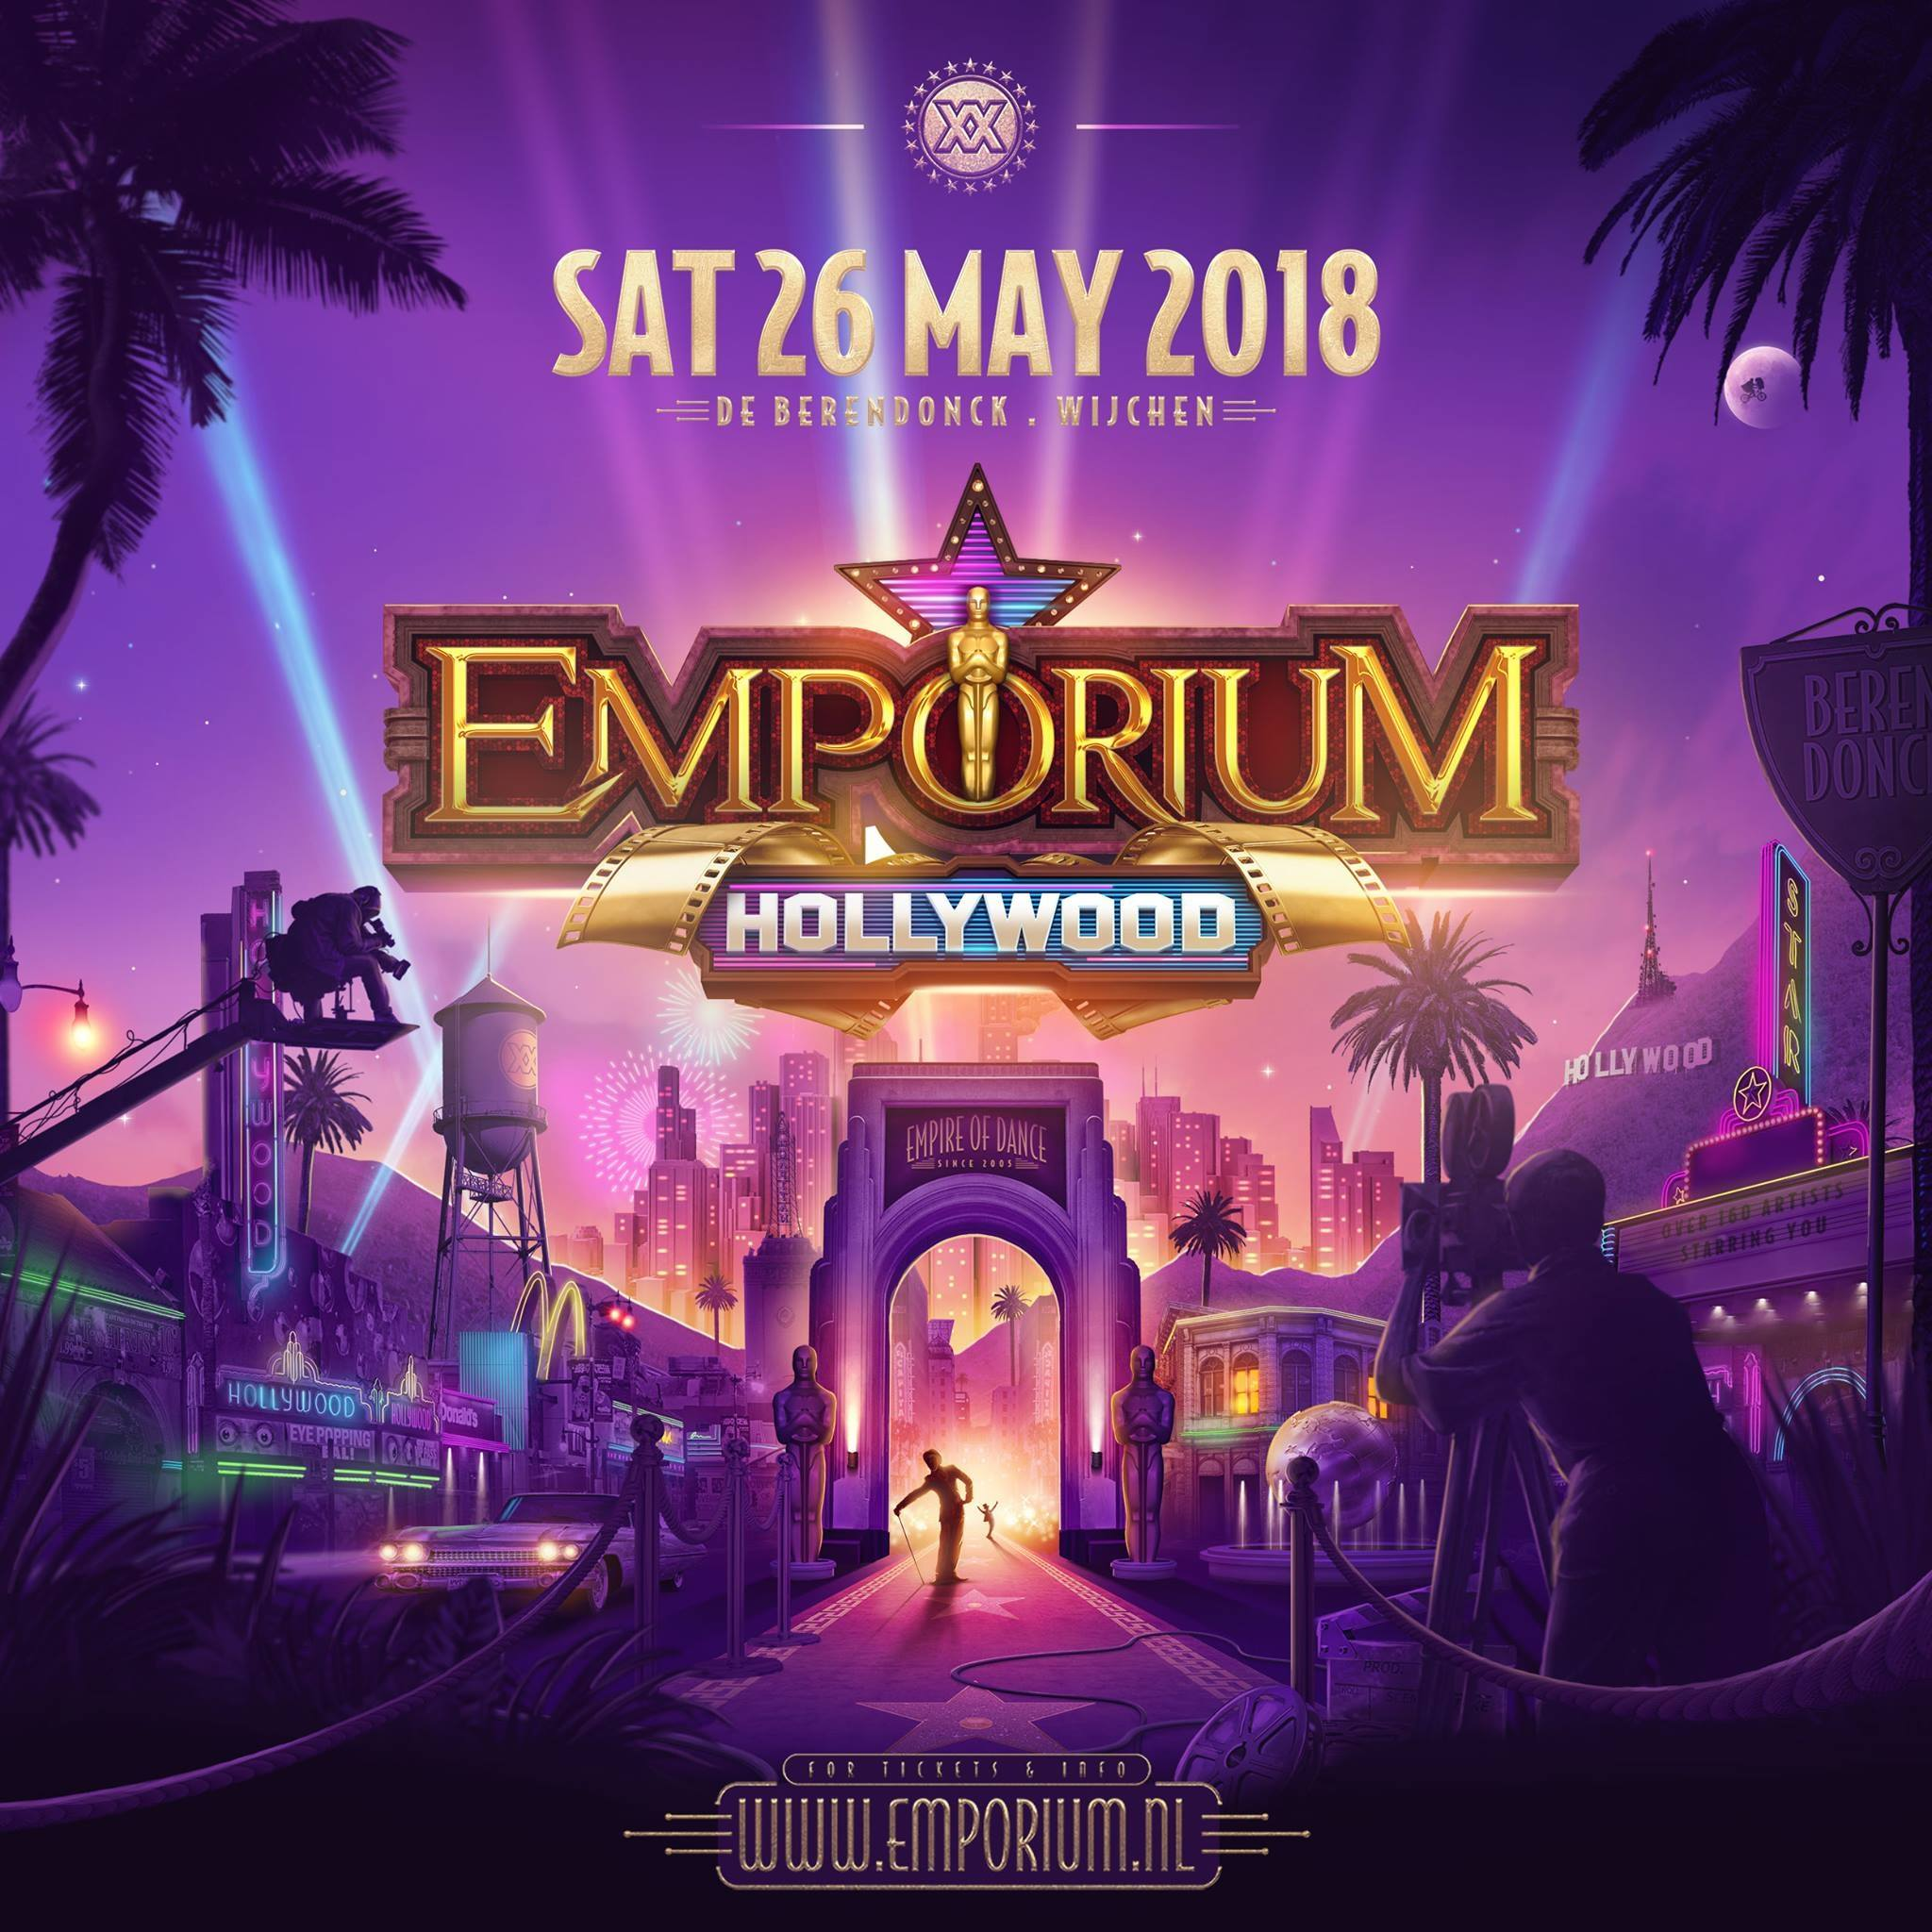 Emporium Festival 2018